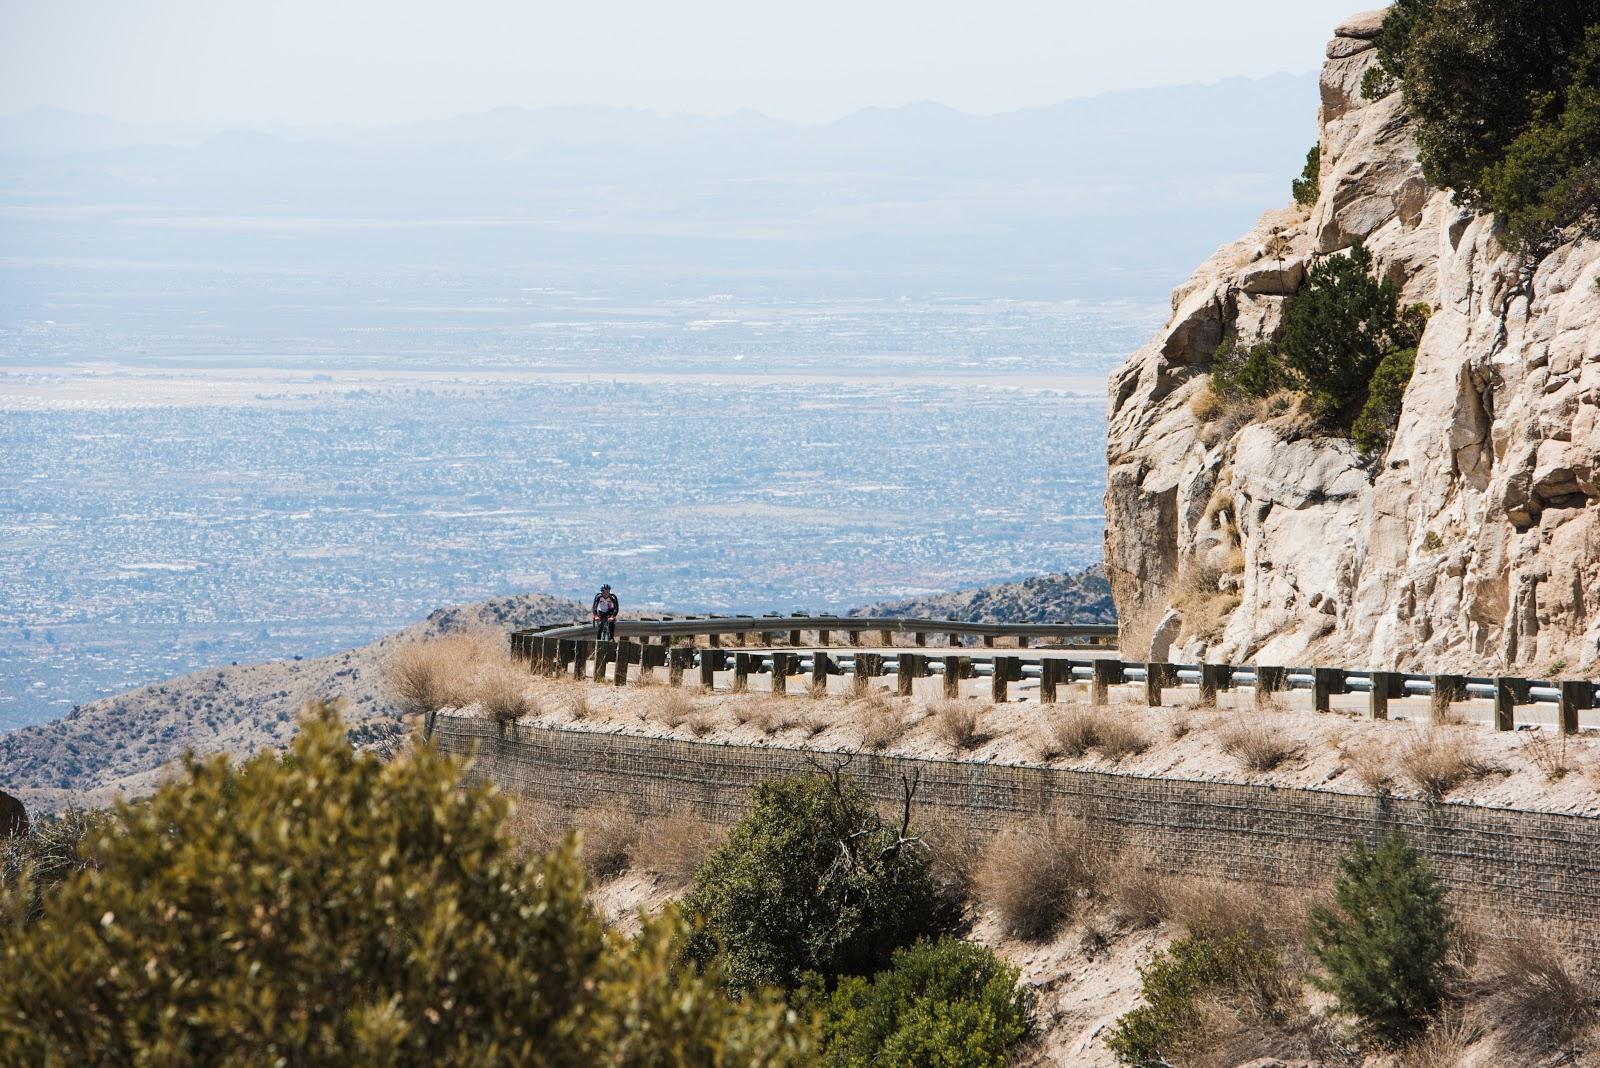 Climbing Mt. Lemmon Arizona by bike.